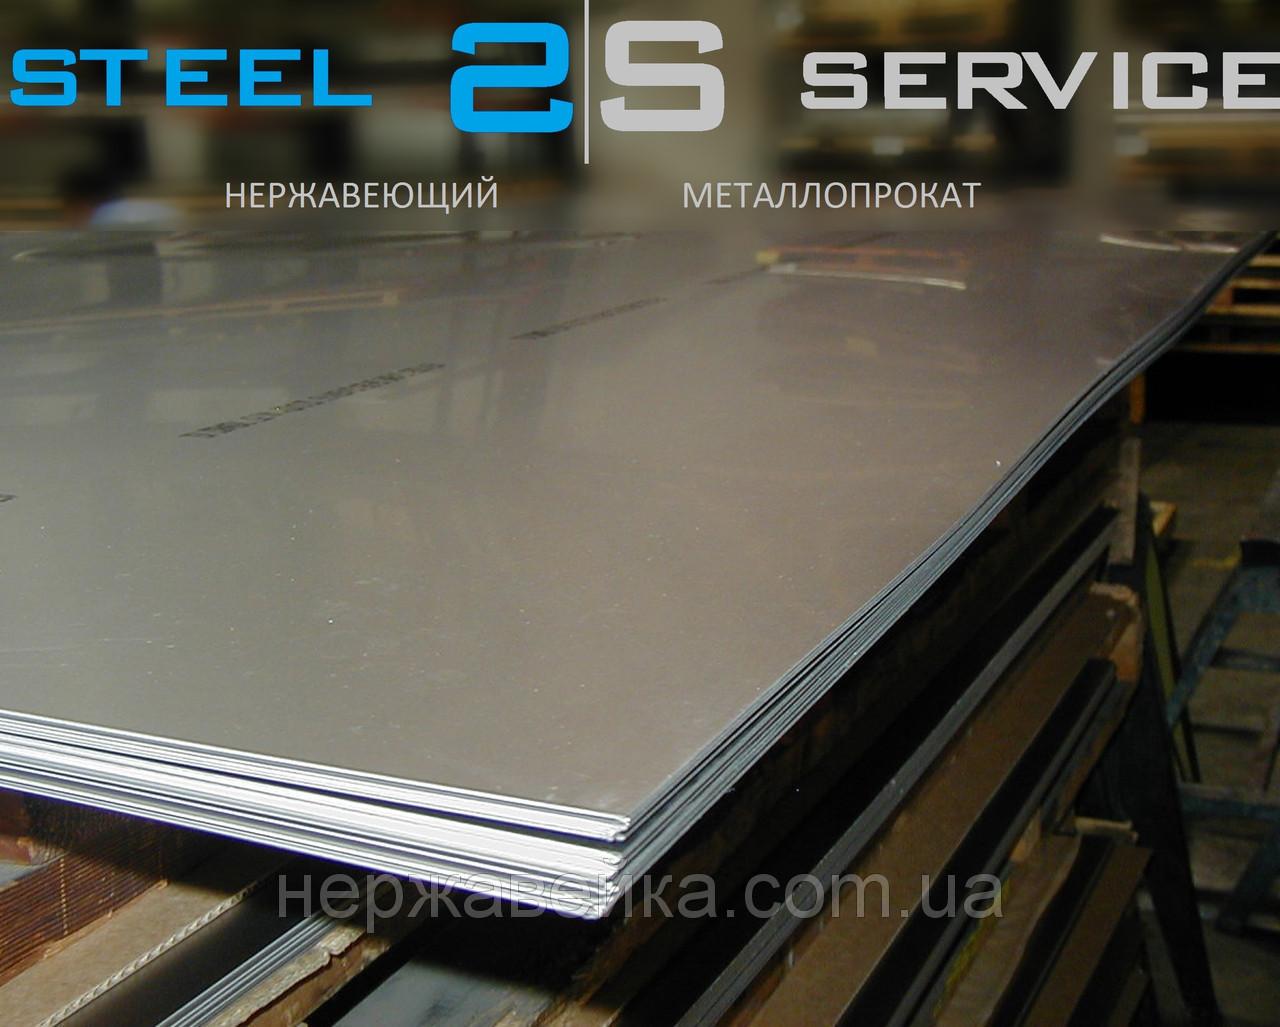 Нержавеющий лист 1,5х1250х2500мм  AISI 321(08Х18Н10Т) BA - зеркало,  пищевой